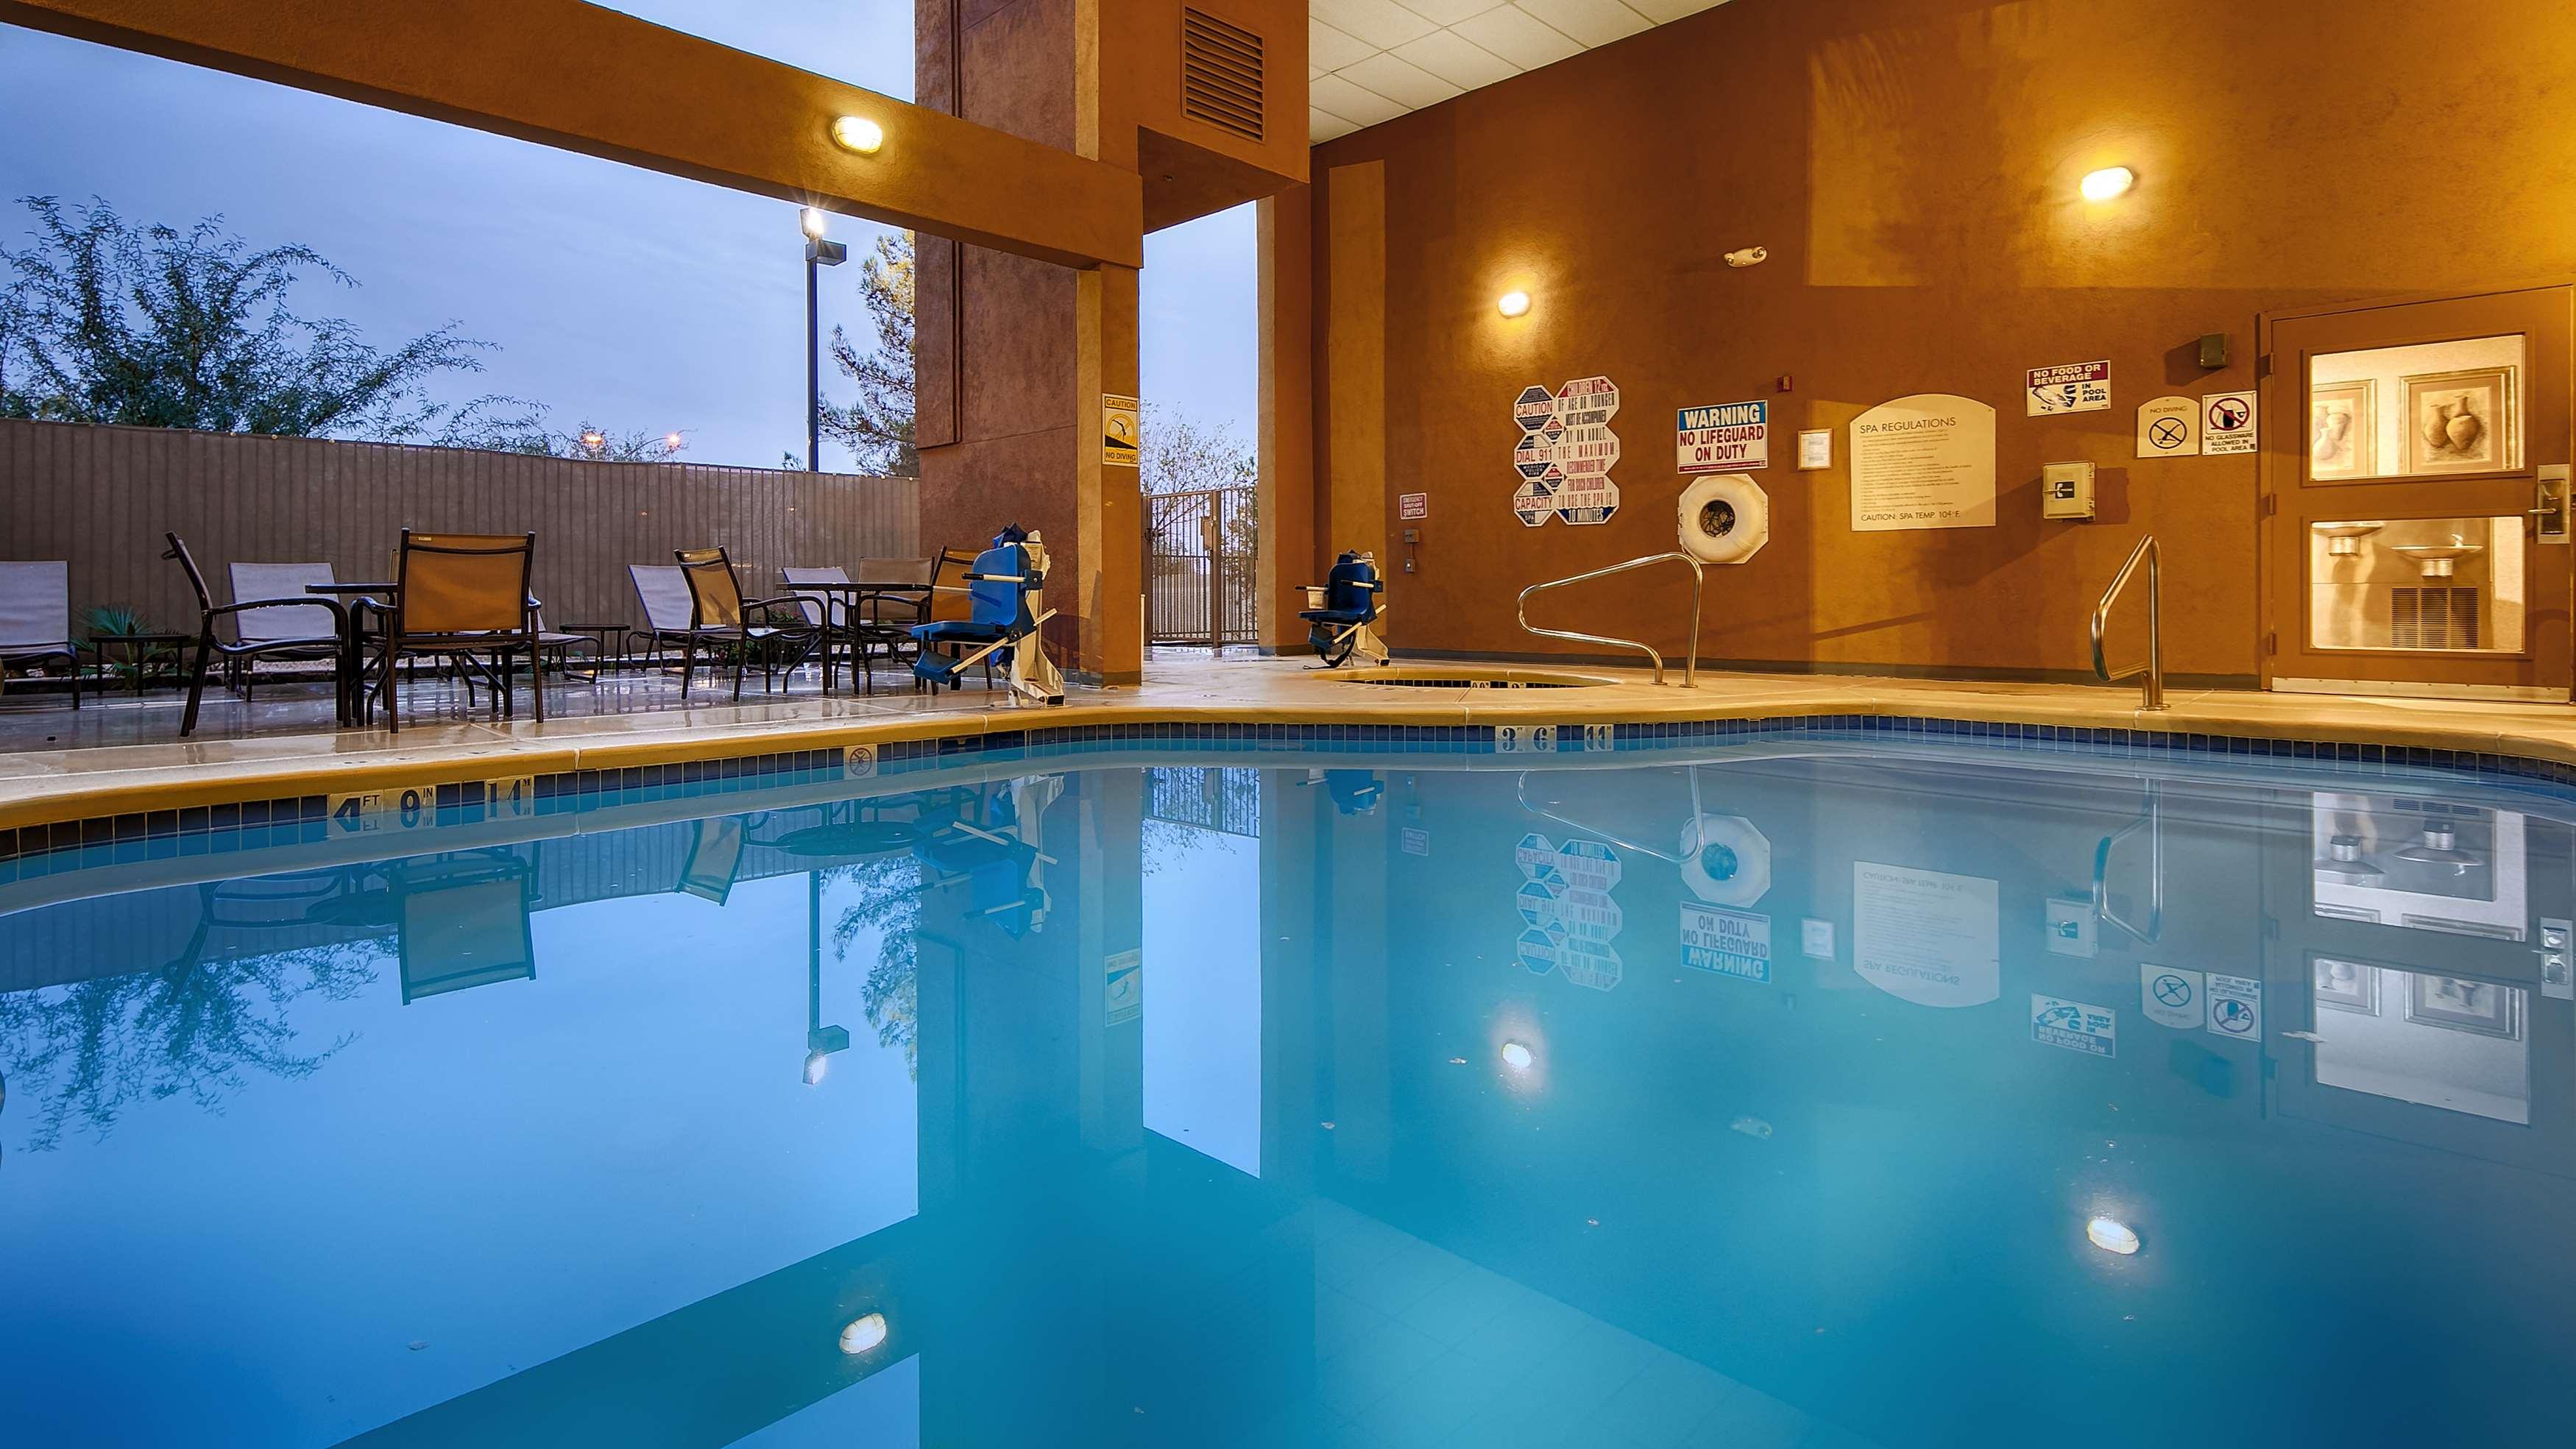 Best Western Hotel In North Las Vegas Nv